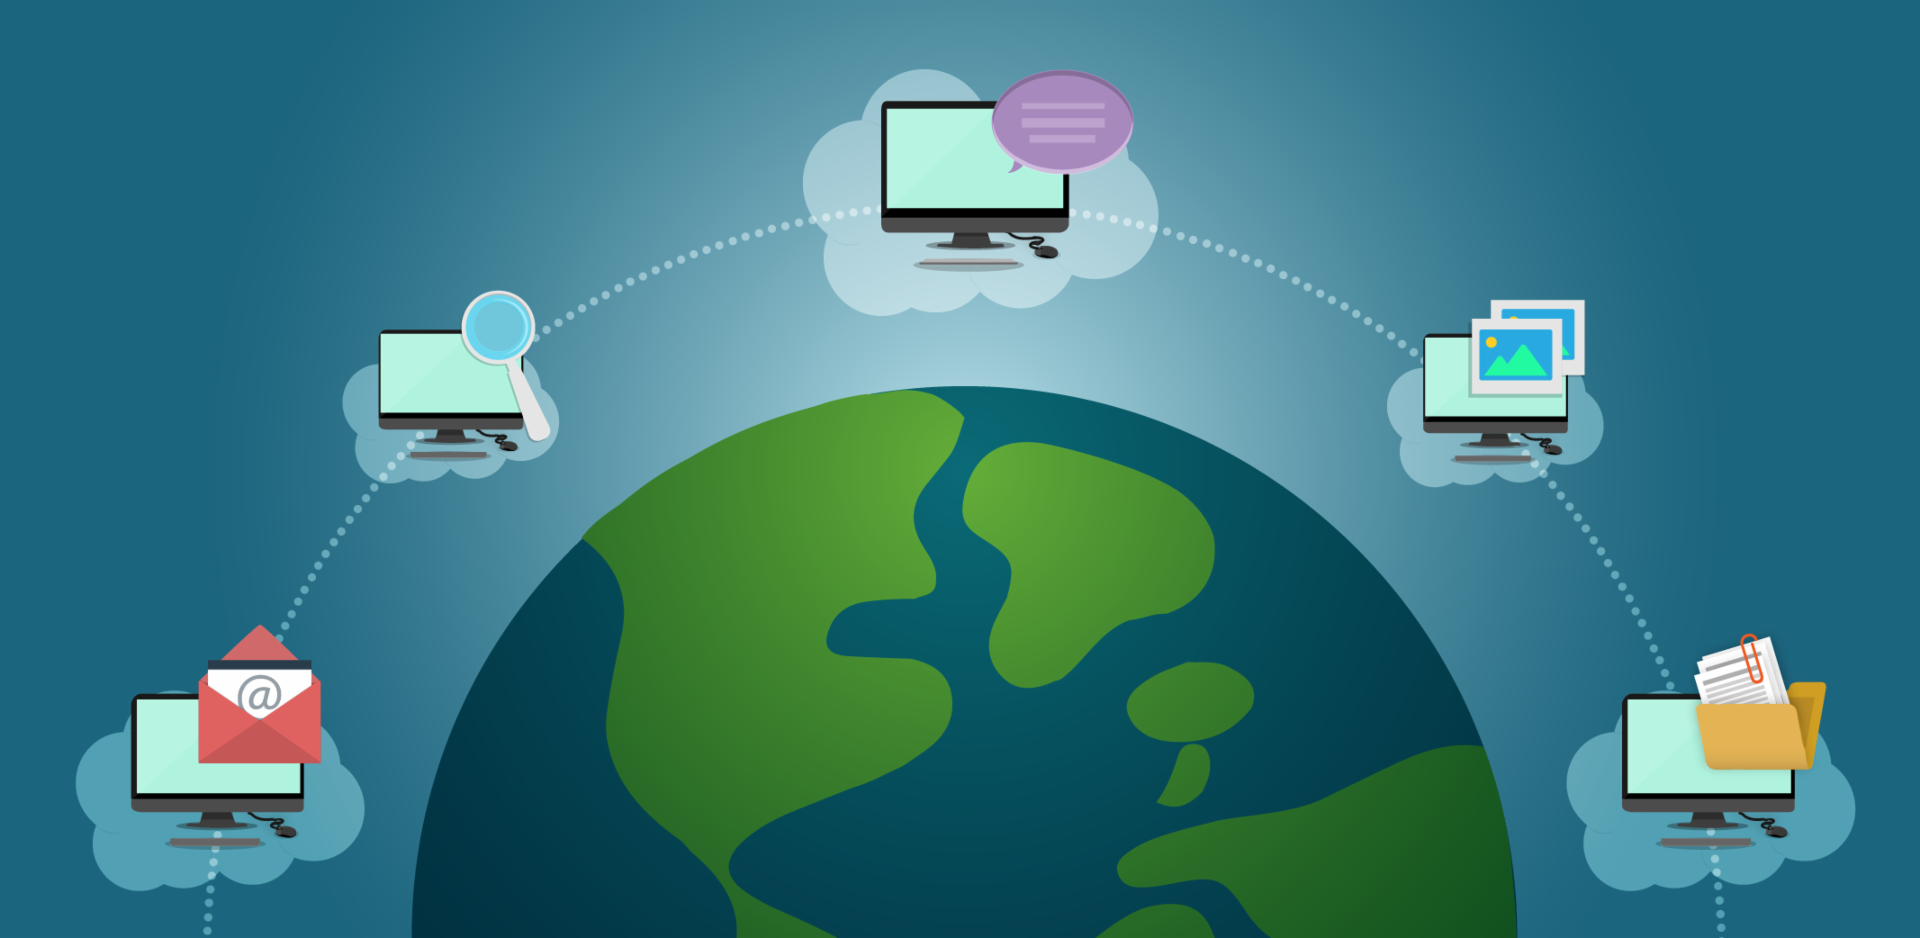 Conexión entre computadores usando internet